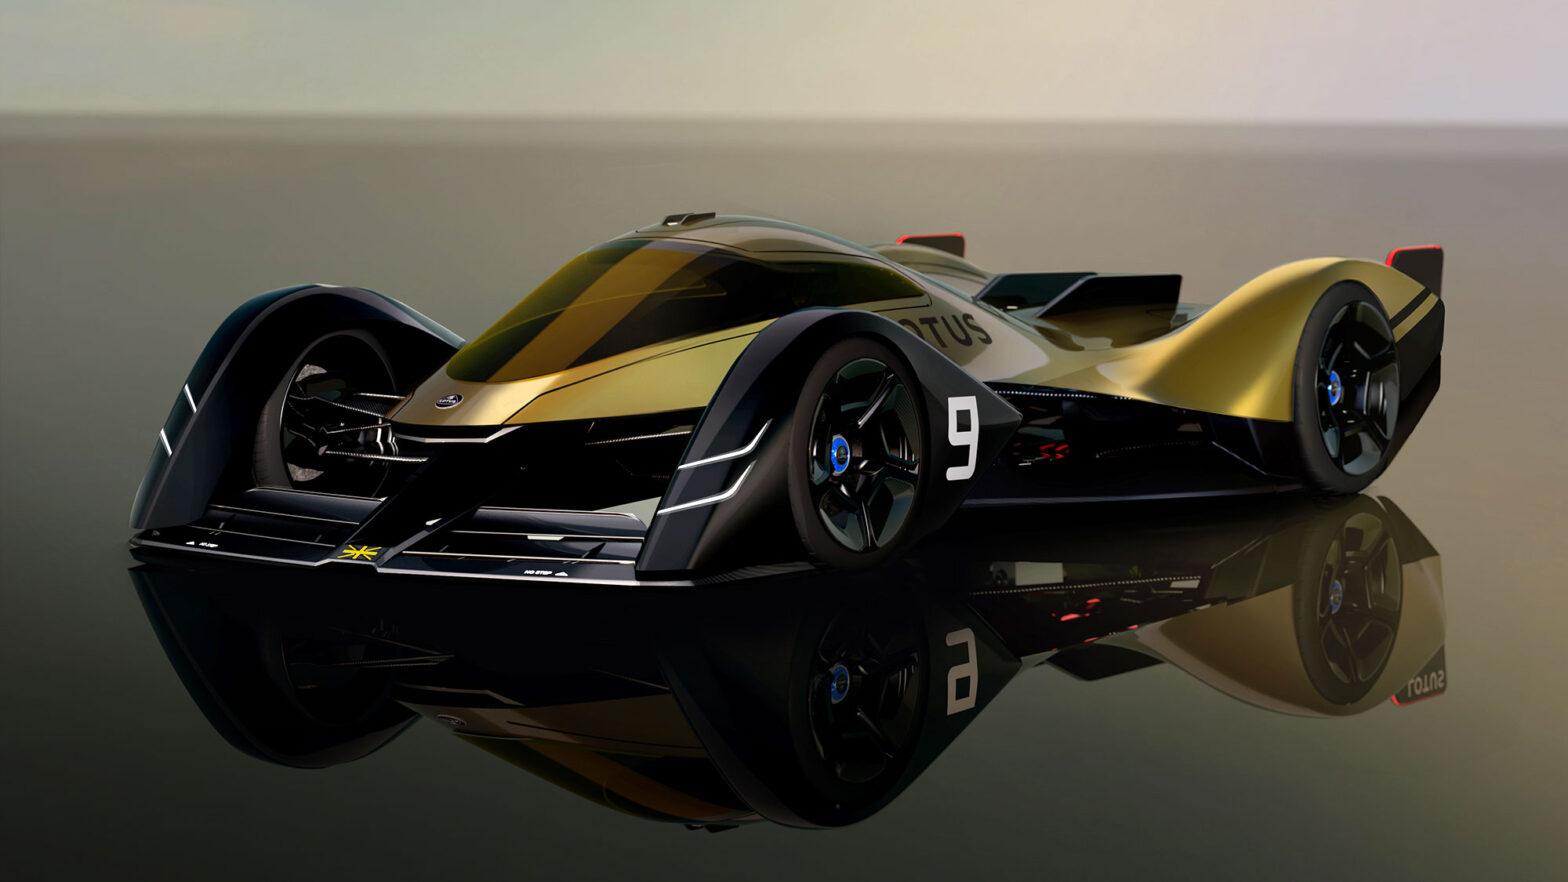 Lotus E-R9 Next-Gen EV Endurance Racer